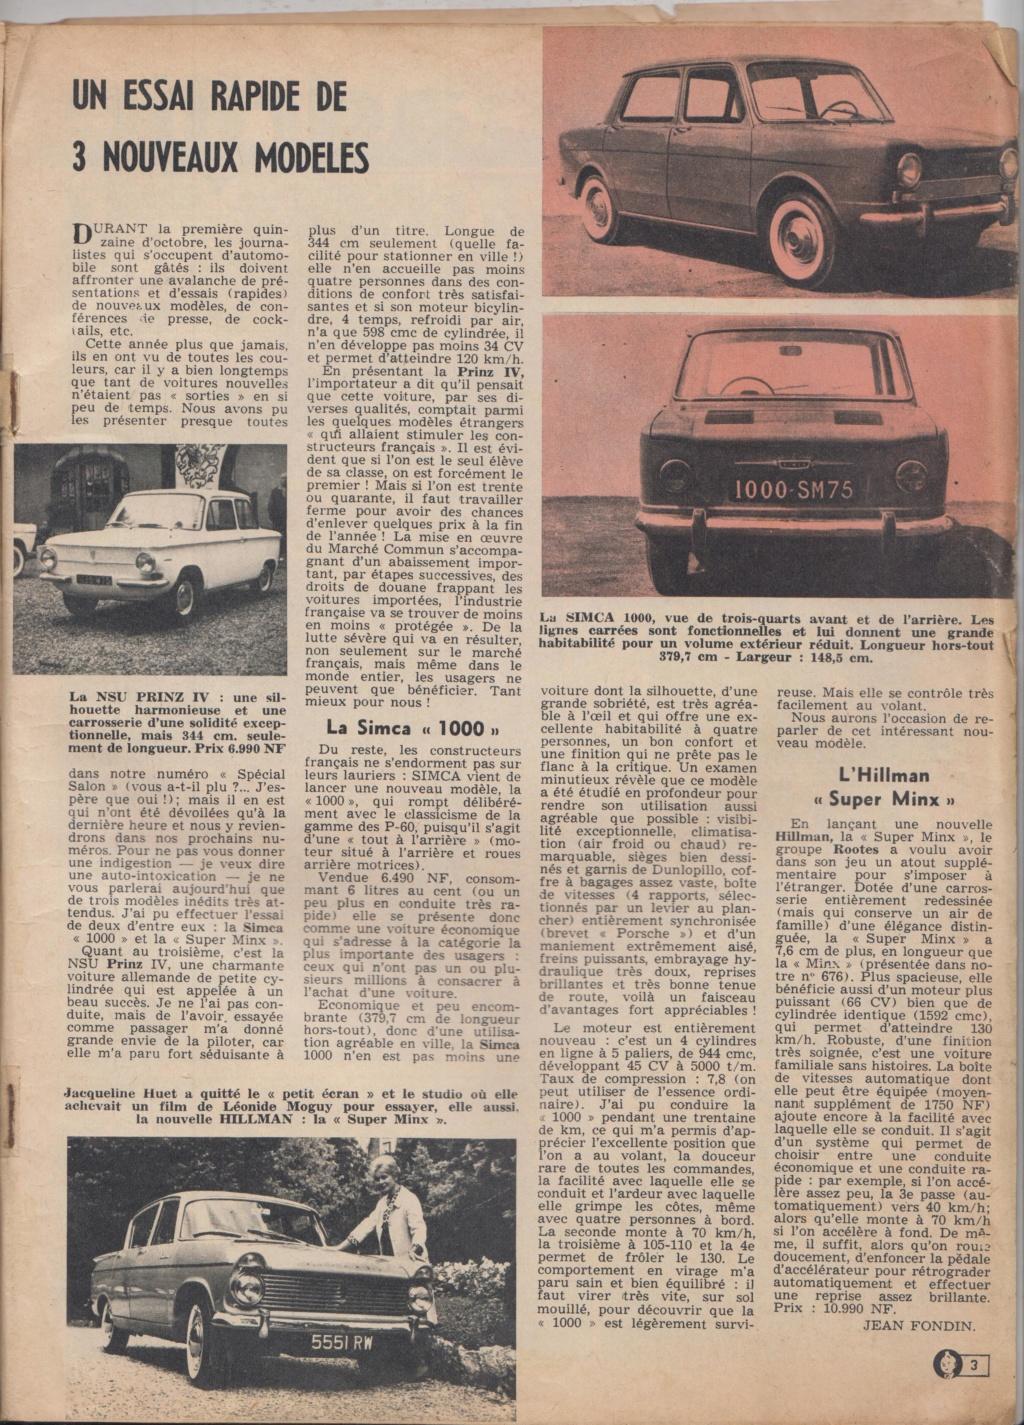 Le Journal de Tintin - de 1959 à 1964 les articles sur l'automobile et la moto 3_mode10